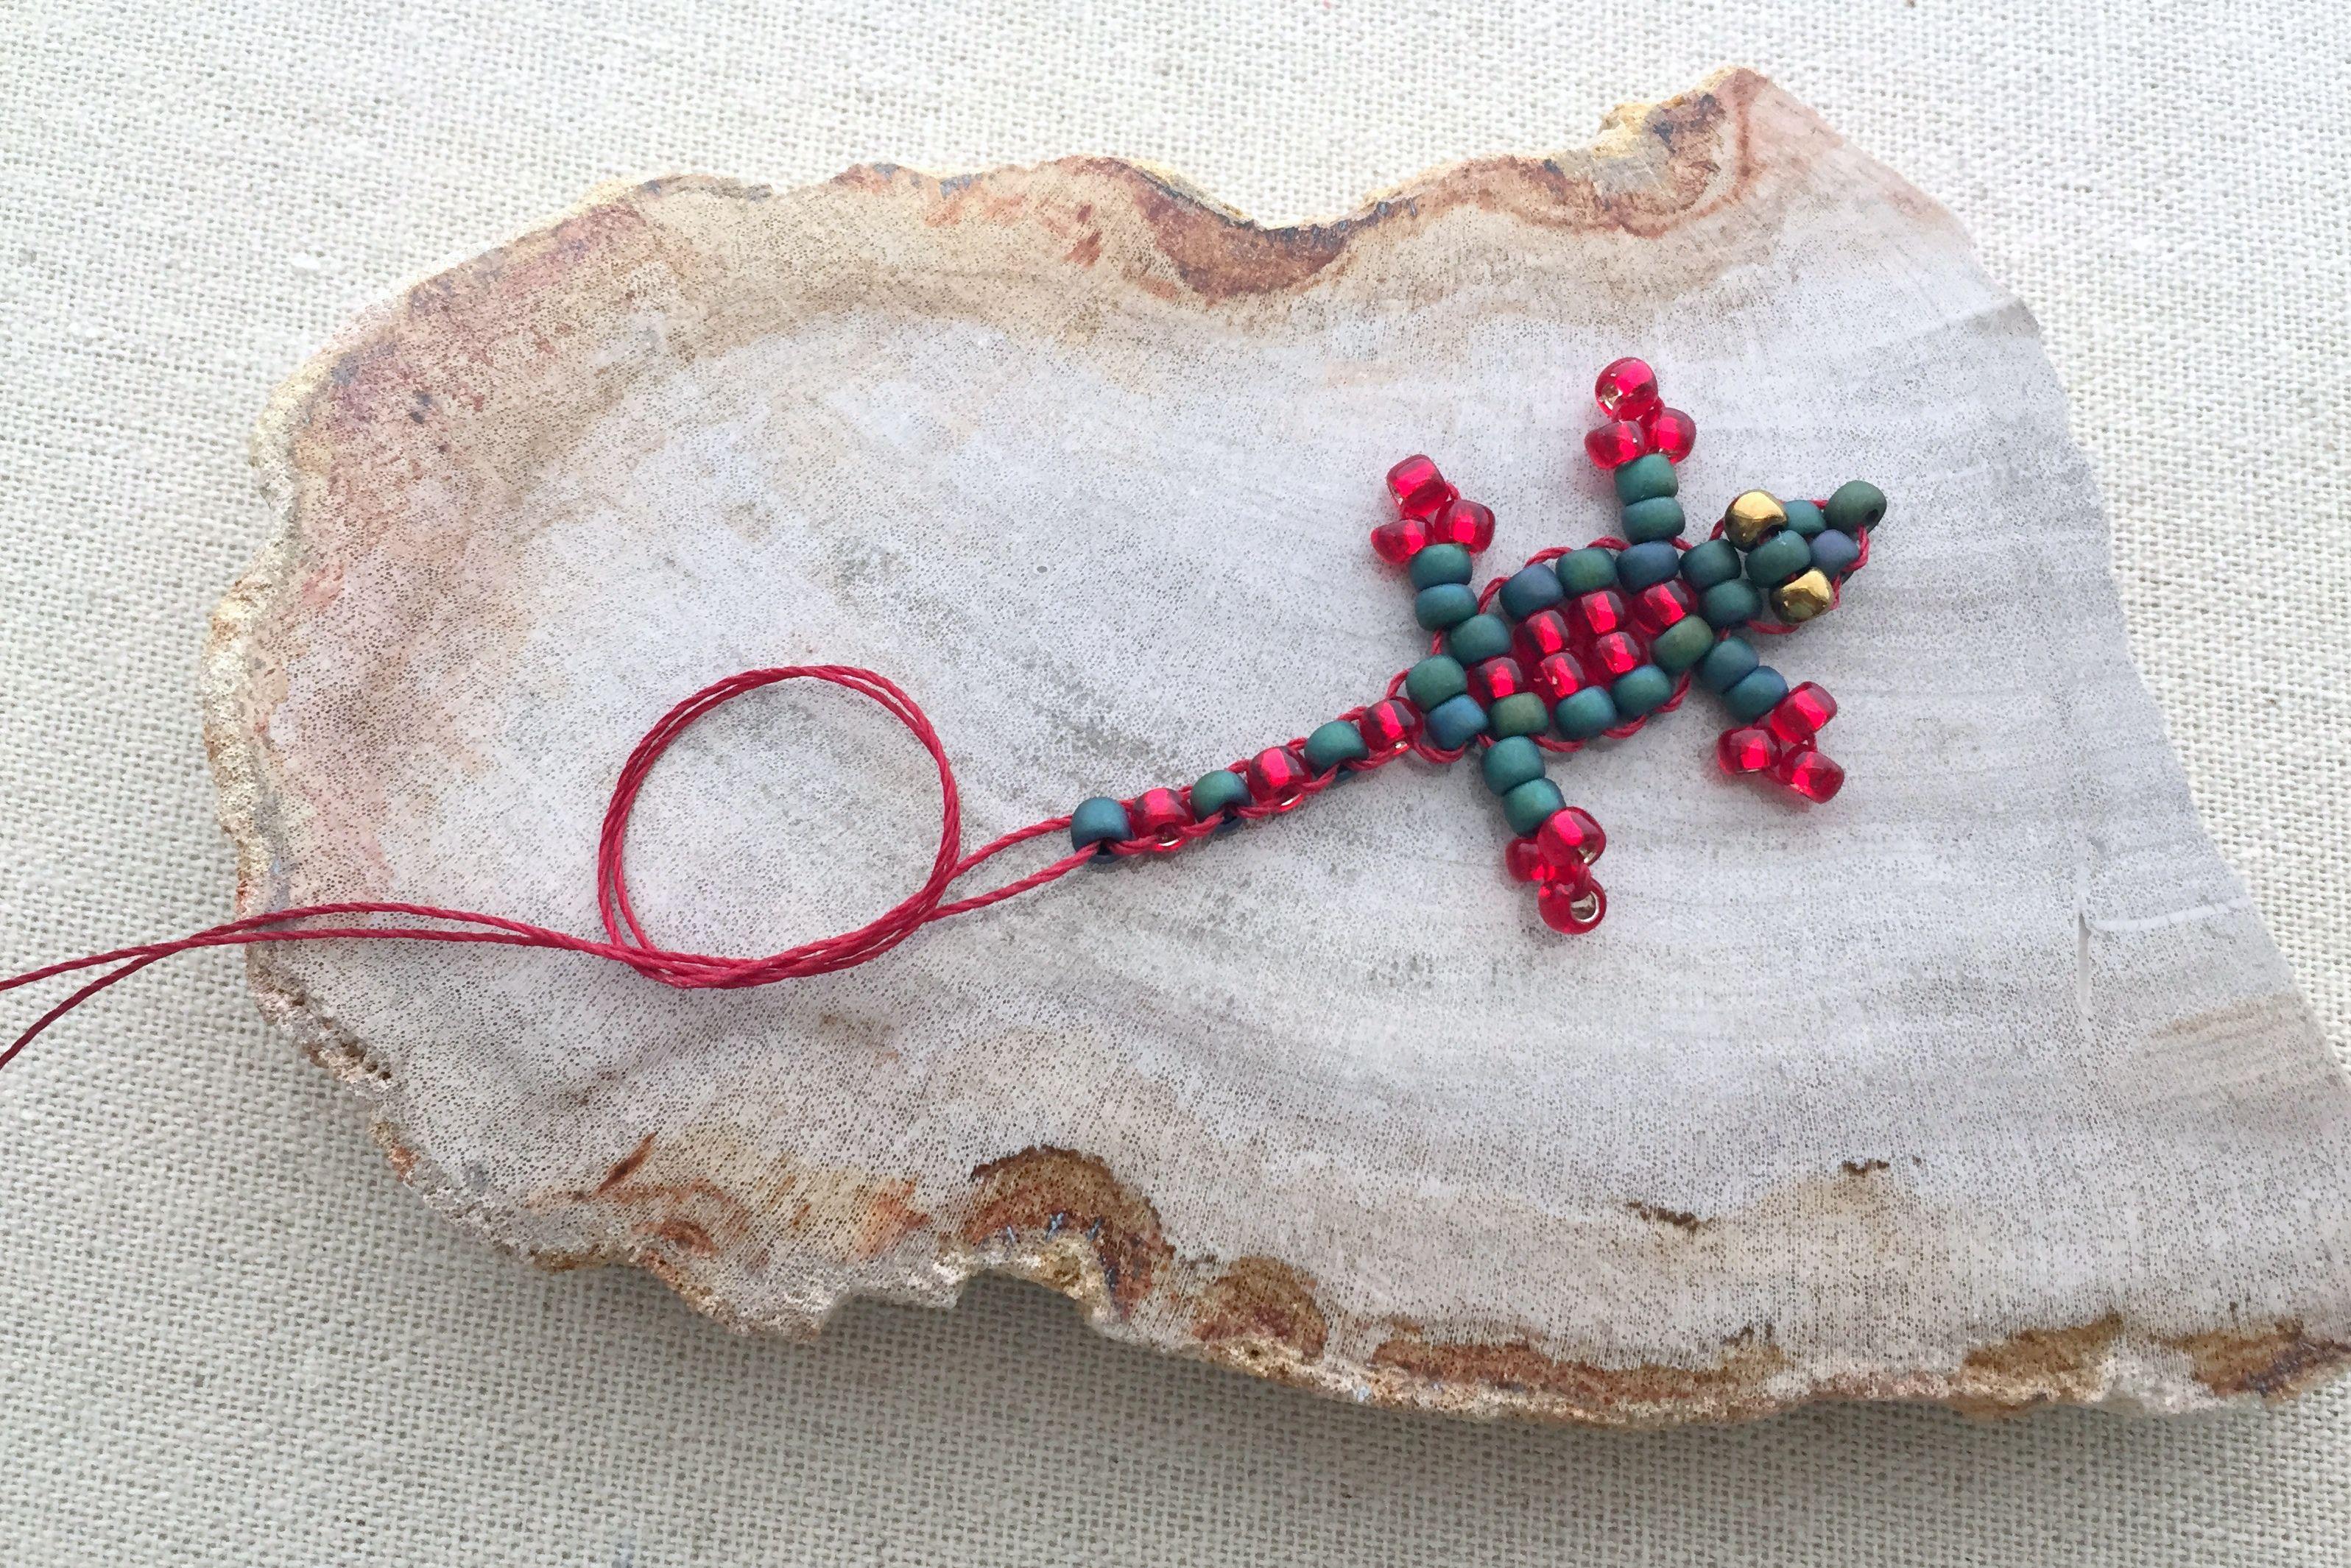 How To Make A Beaded Gecko Lizard Keychain